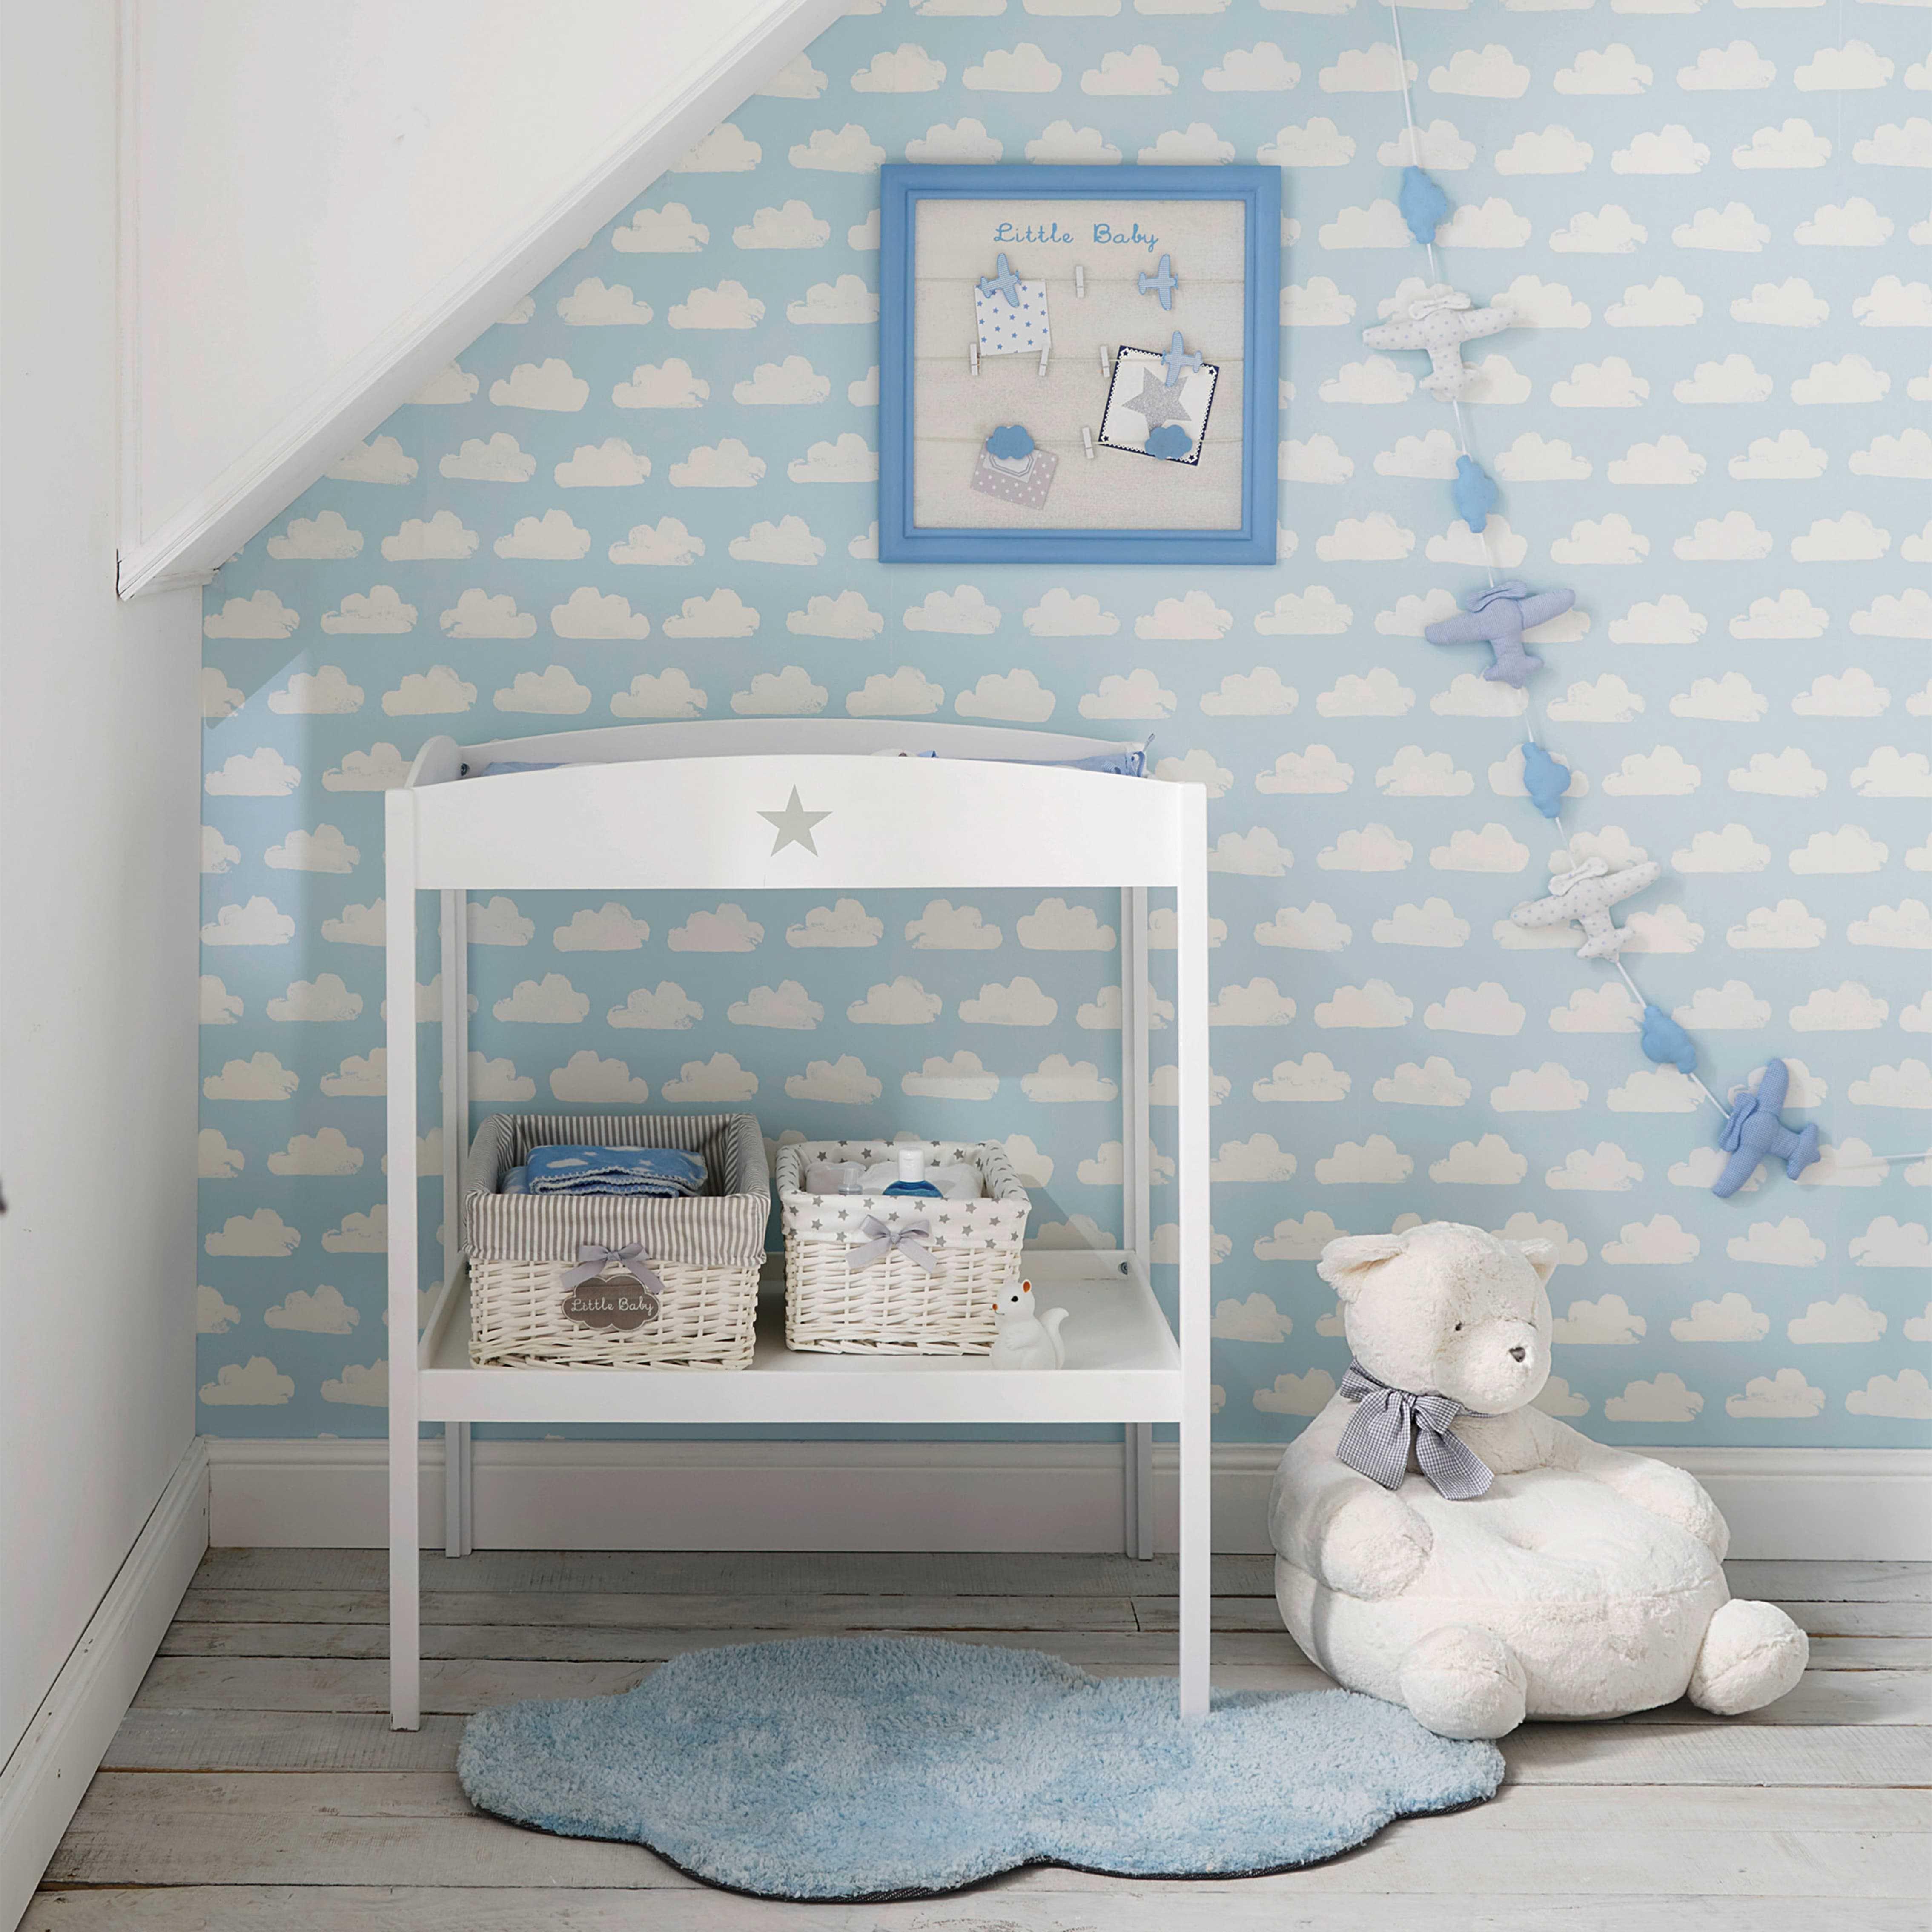 awesome en forme duours blanc ce fauteuil pour enfant offrira de purs moments de tendresse votre. Black Bedroom Furniture Sets. Home Design Ideas